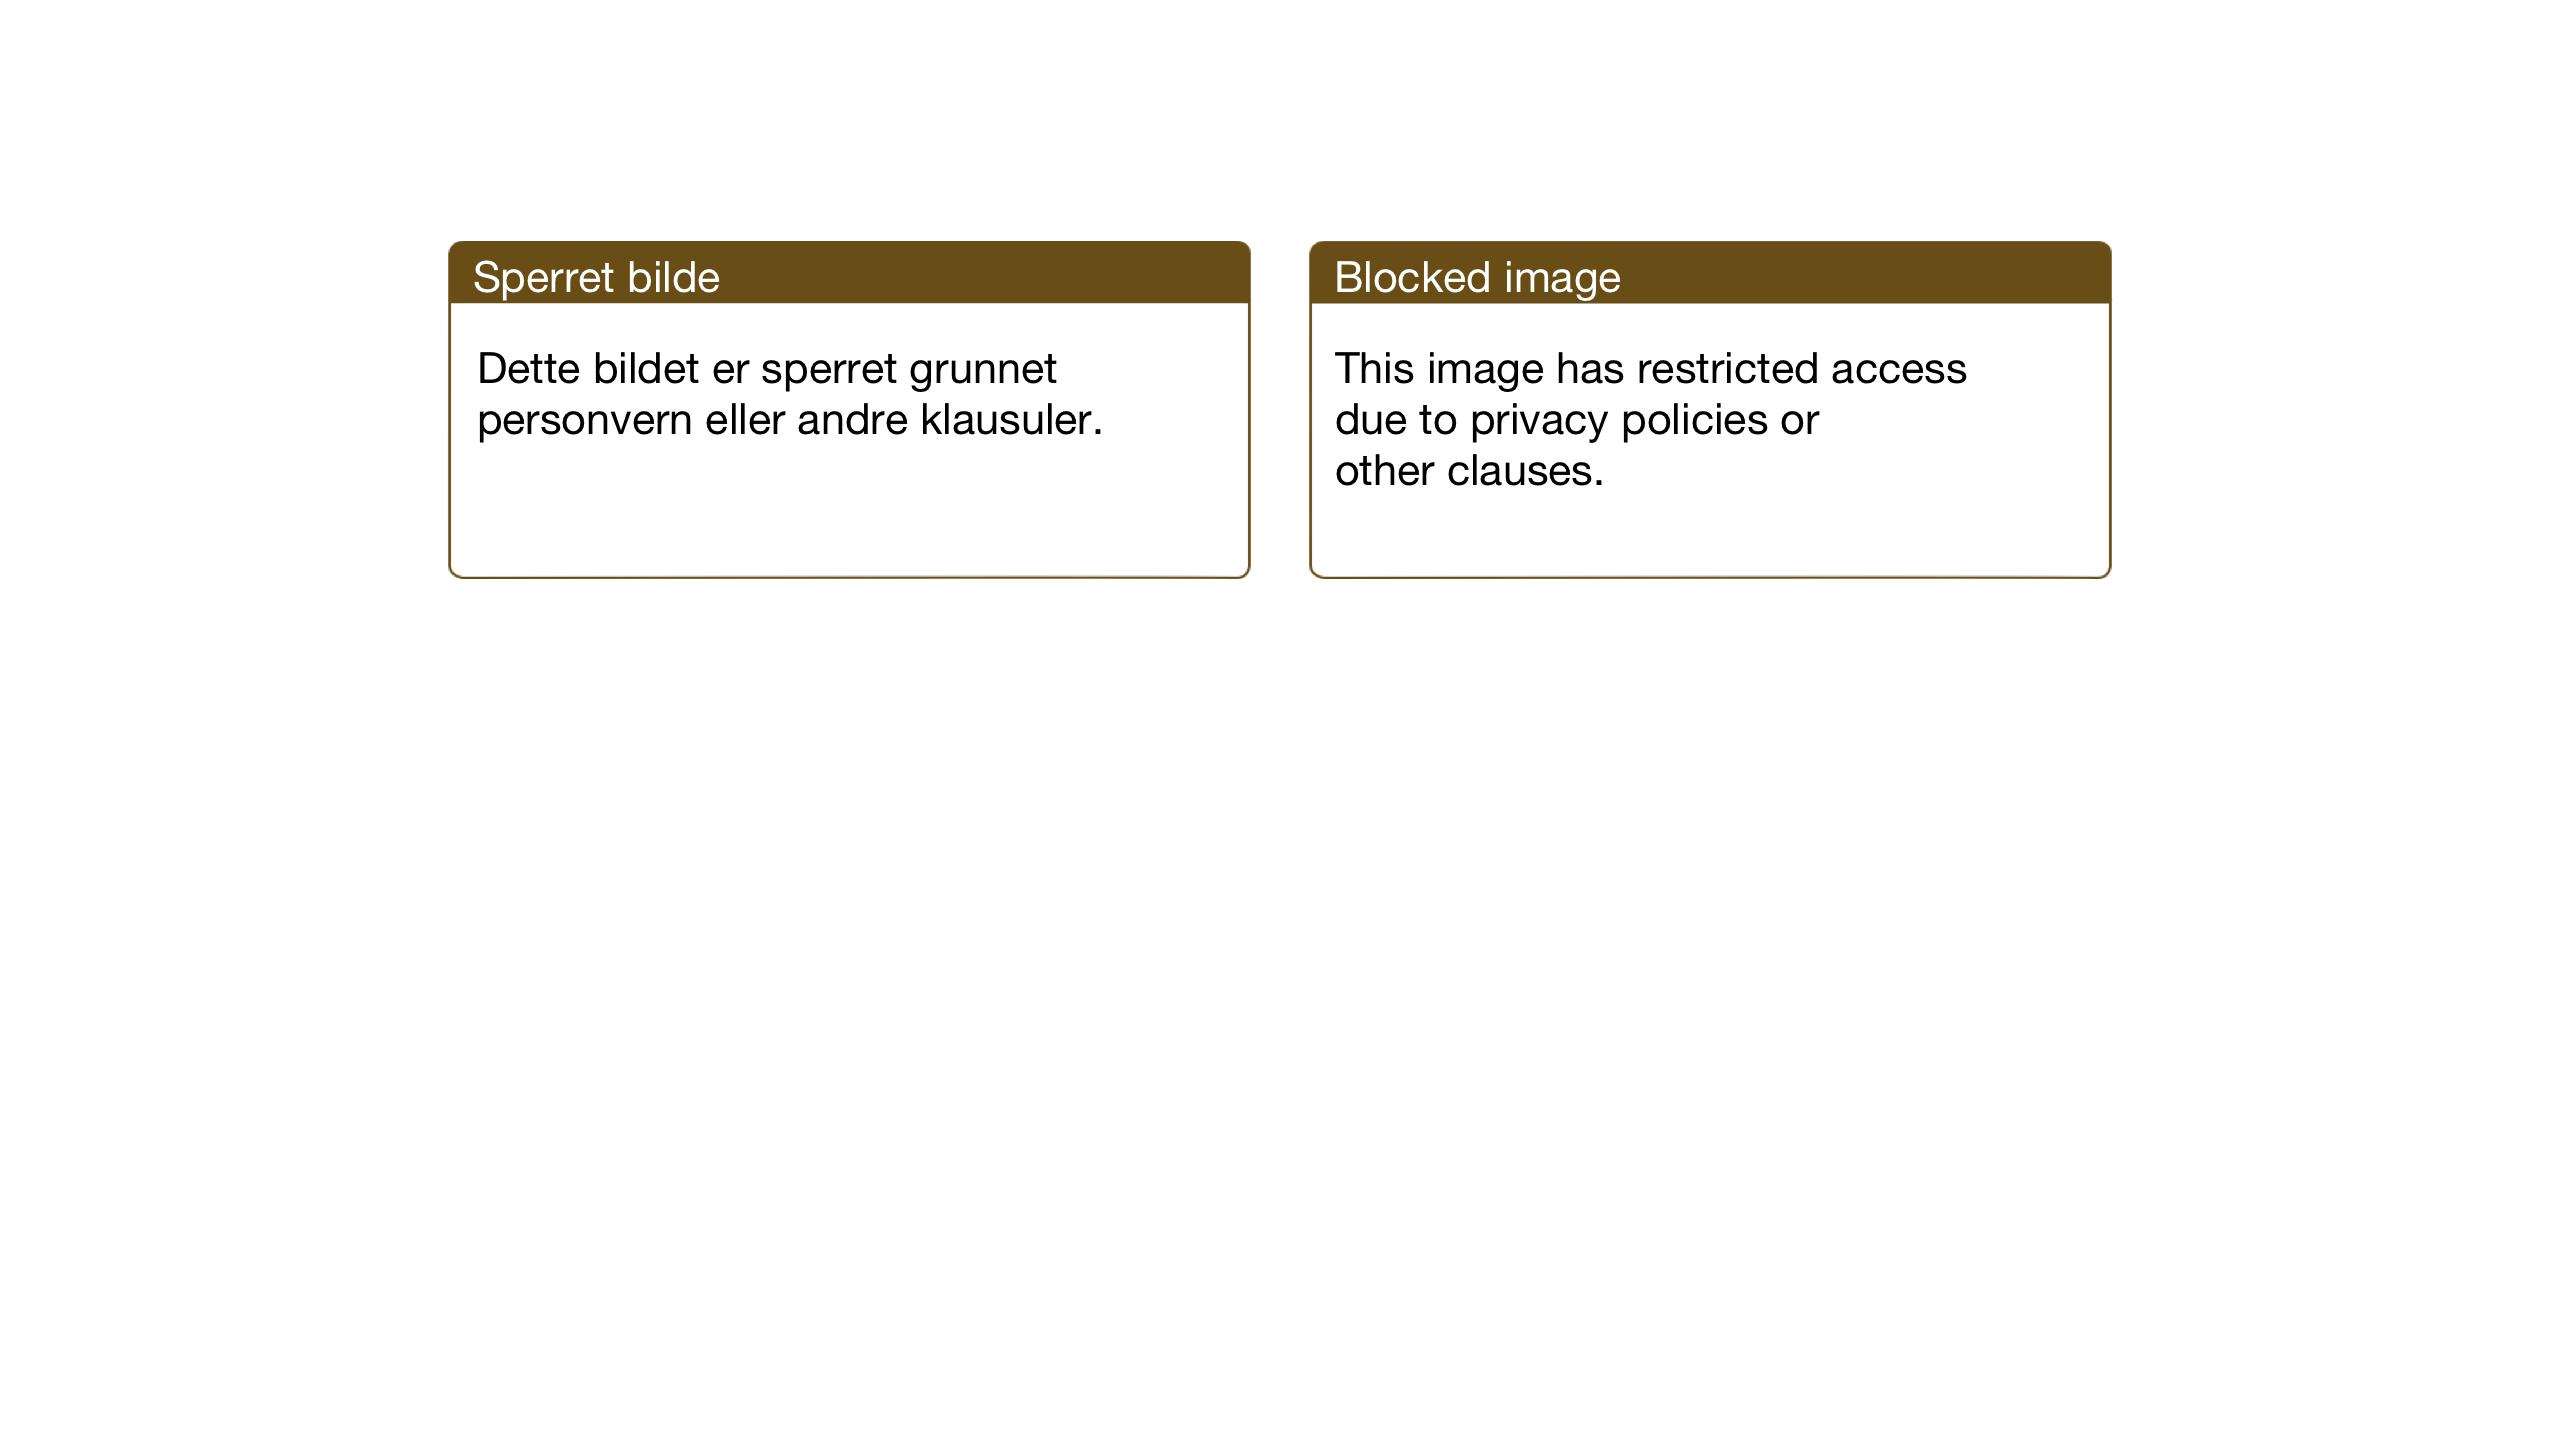 SAT, Ministerialprotokoller, klokkerbøker og fødselsregistre - Sør-Trøndelag, 630/L0508: Klokkerbok nr. 630C06, 1933-1950, s. 138